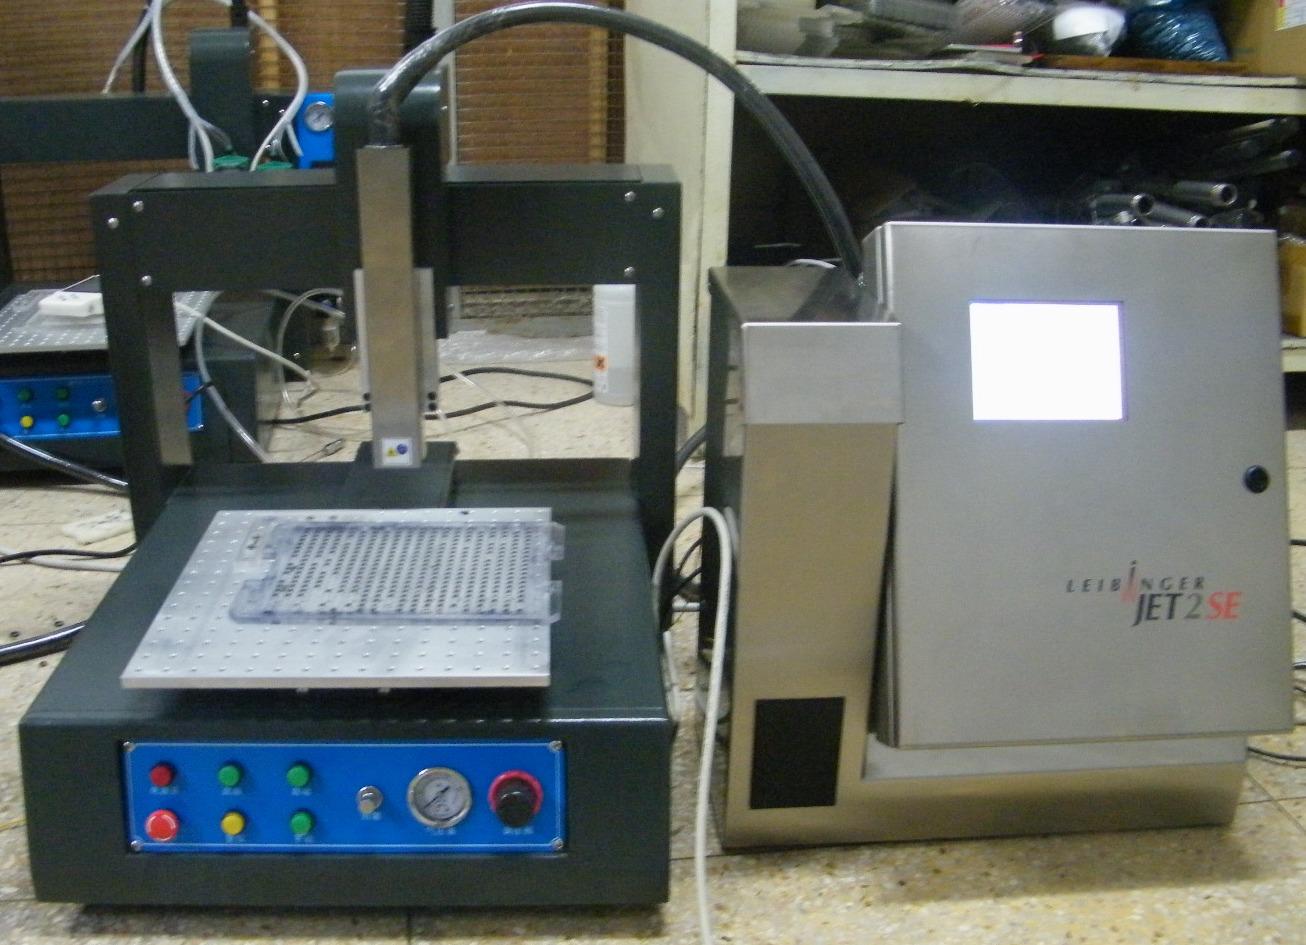 SES-T331P струйный принтер трехвальной платформы